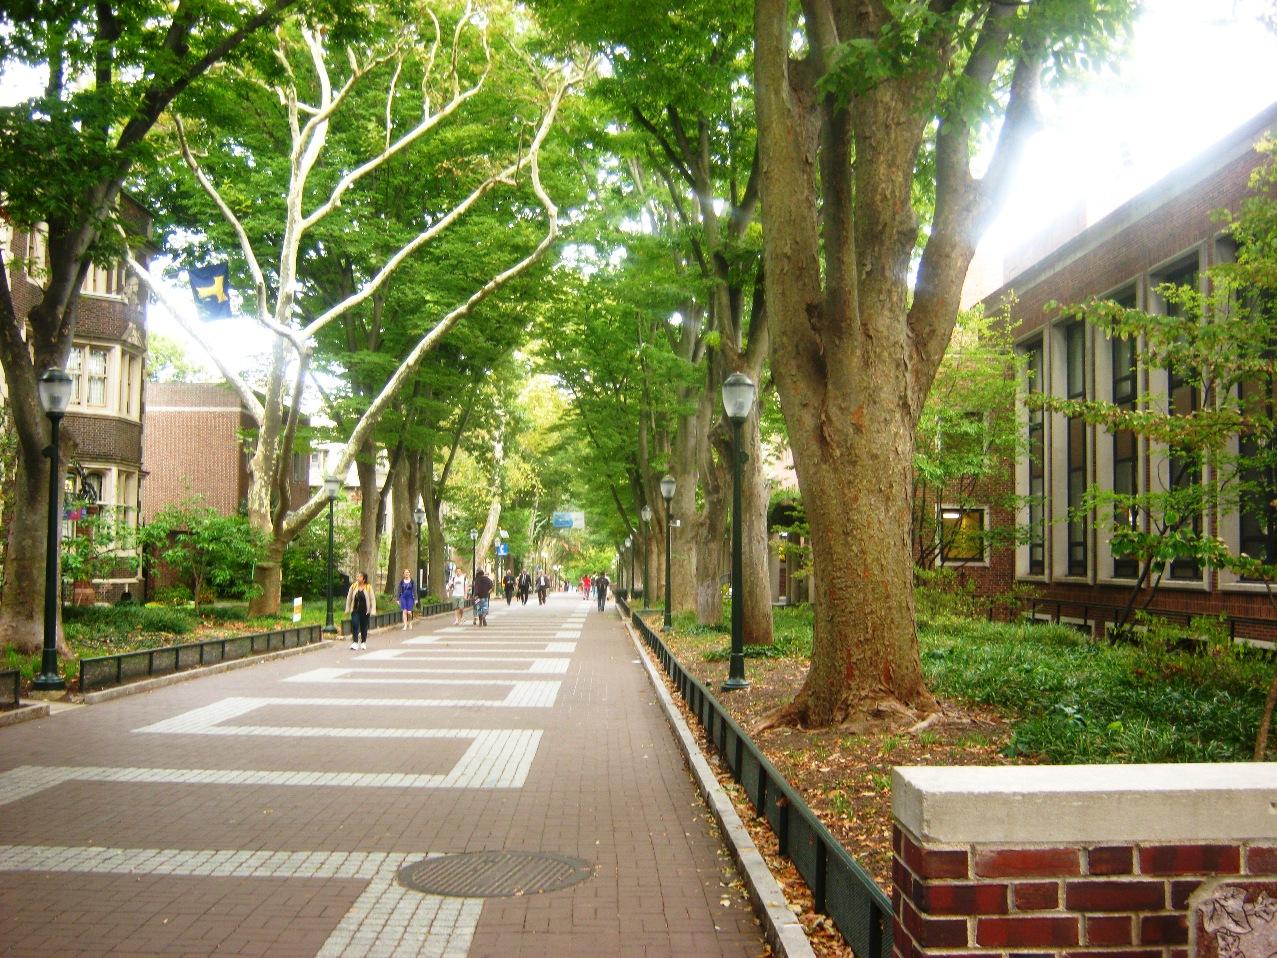 ペンシルバニア大学キャンパスの街路樹。